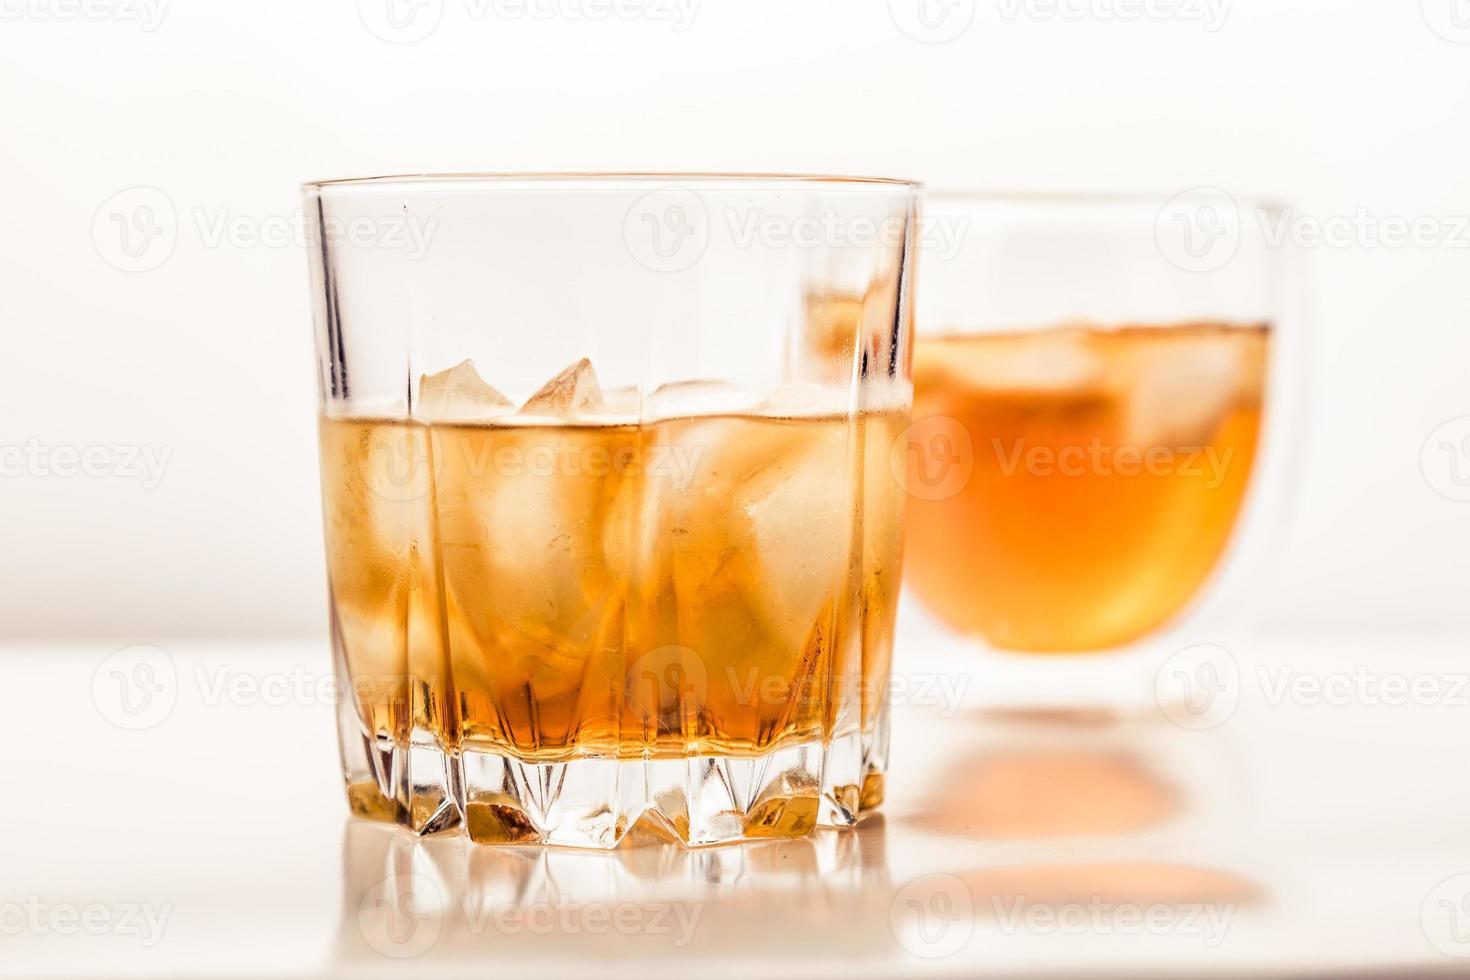 deux verres de whisky différents photo